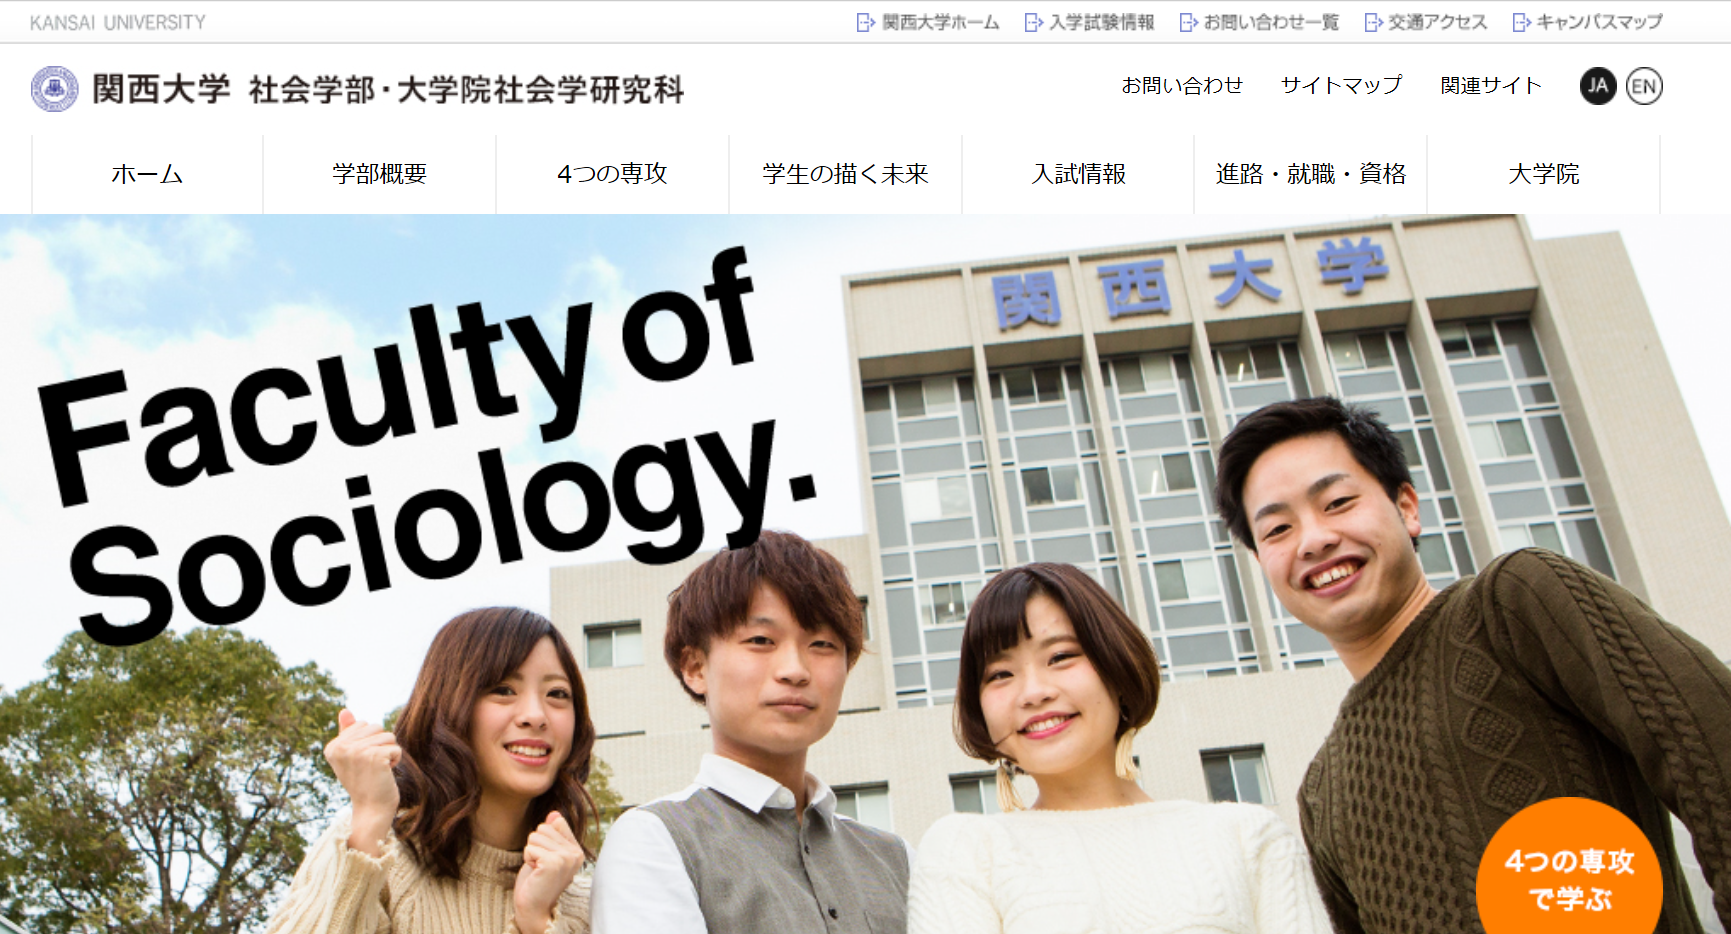 関西大学の評判・口コミ【社会学部編】